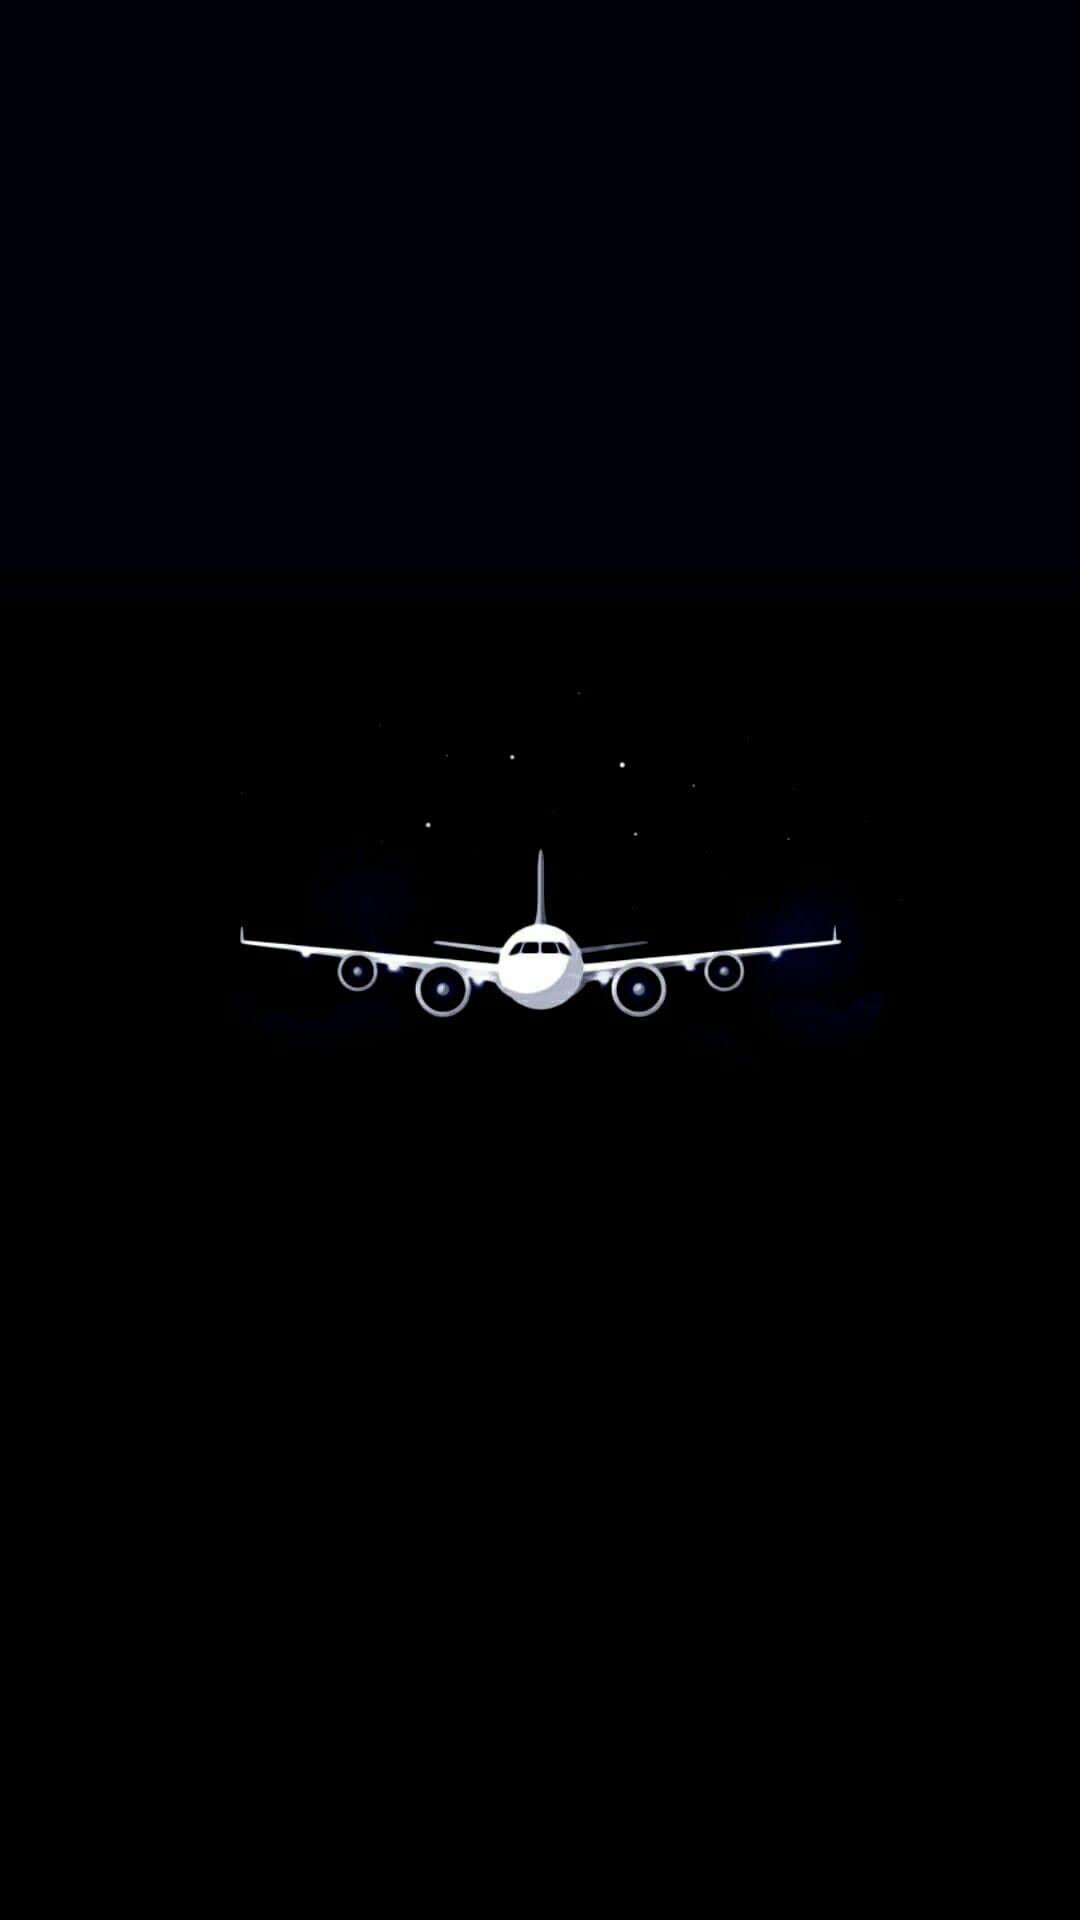 シンプルでかっこいい飛行機 のiphone壁紙 スマホ 背景 Iphone